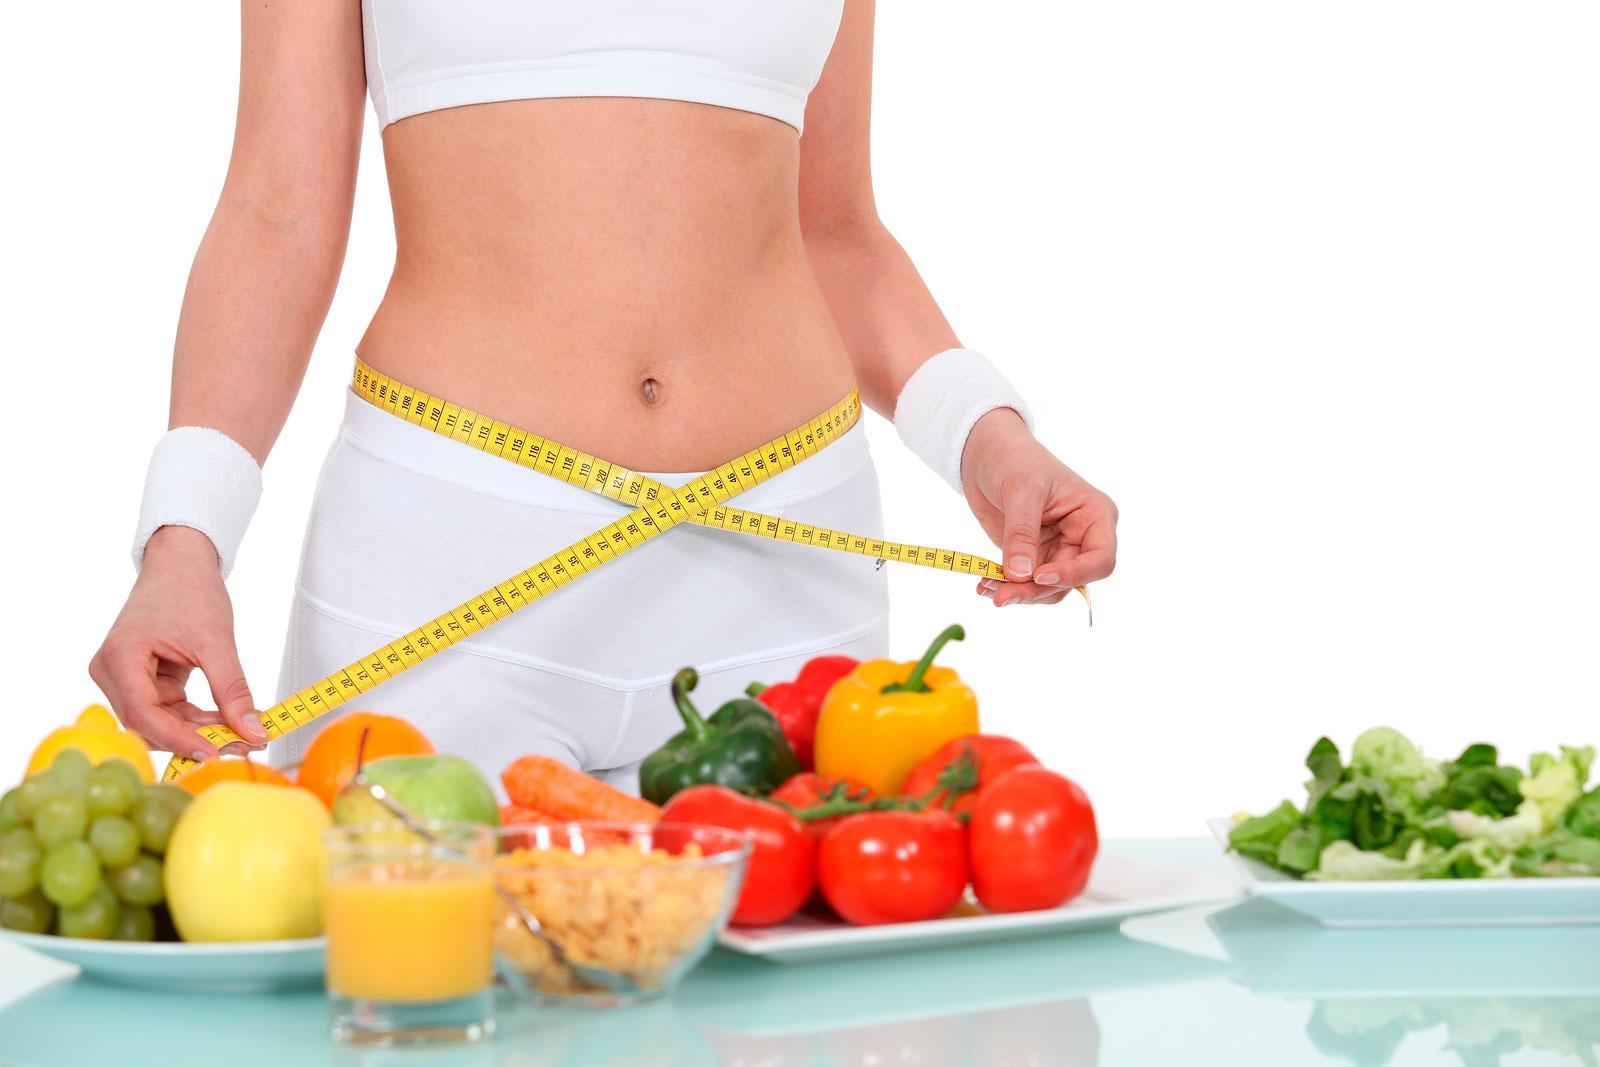 Evita los errores y logra tus metas al estar a dieta